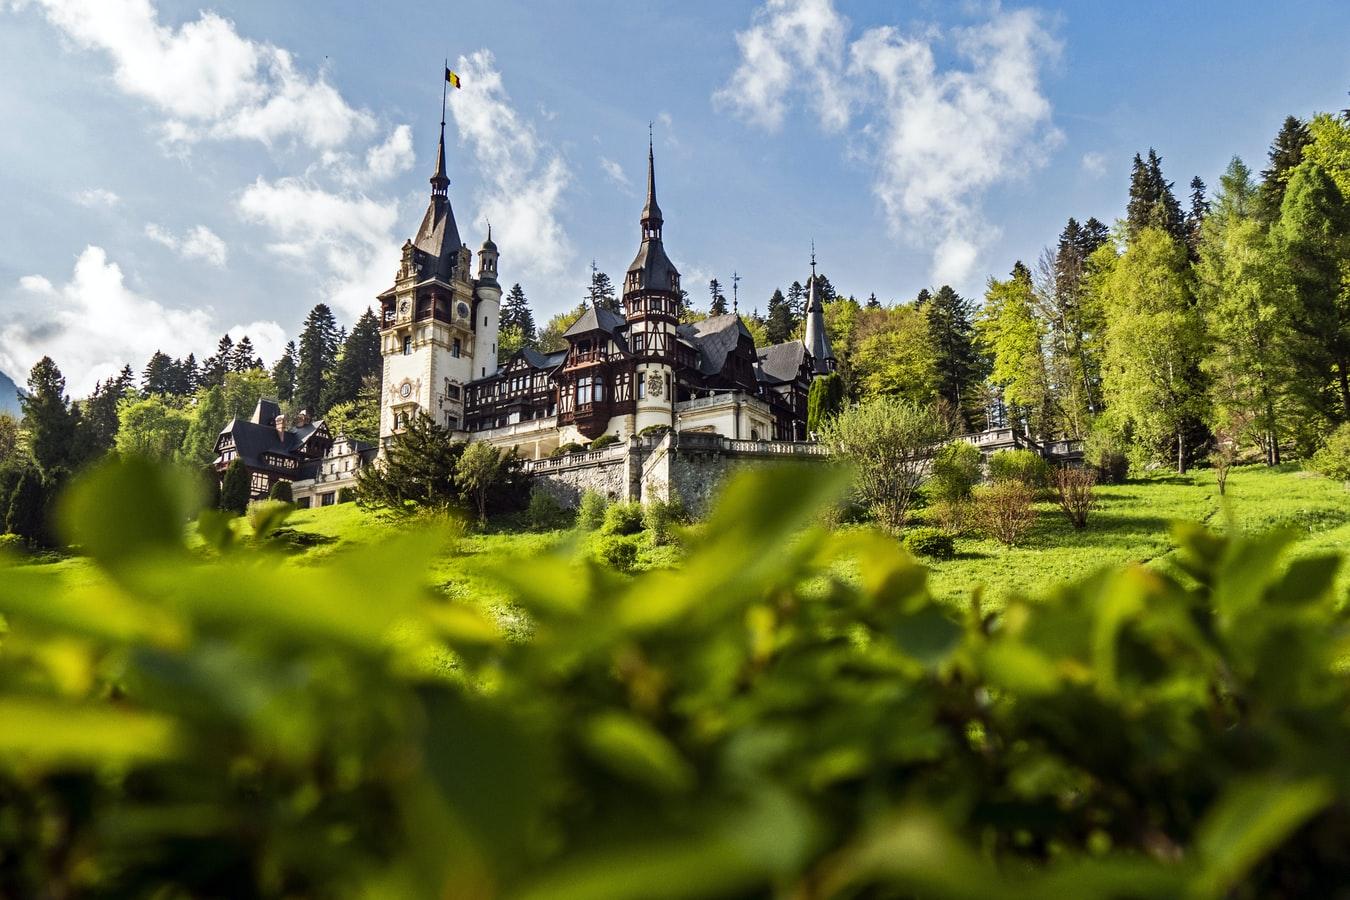 Roemenië-kasteel